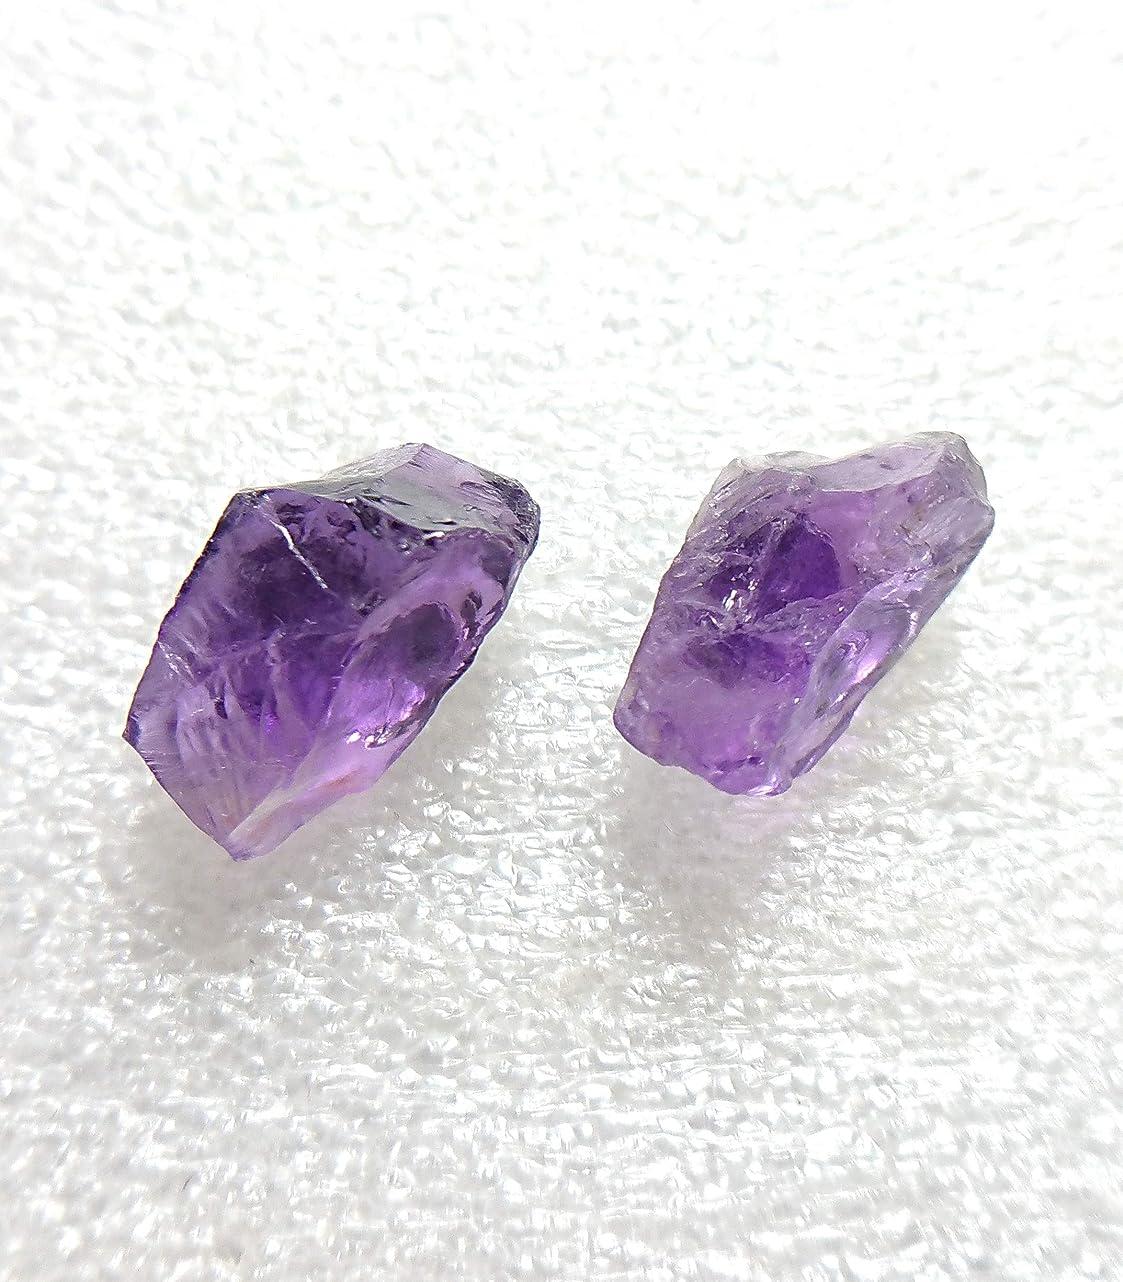 それにもかかわらず議論する素晴らしい良い多くのH1767(SHOUT RUE) 天然石 アメジスト 紫水晶 ラフロック 原石 クォーツ チタン スタッド ピアス 両耳 (2個) 金属アレルギー対応